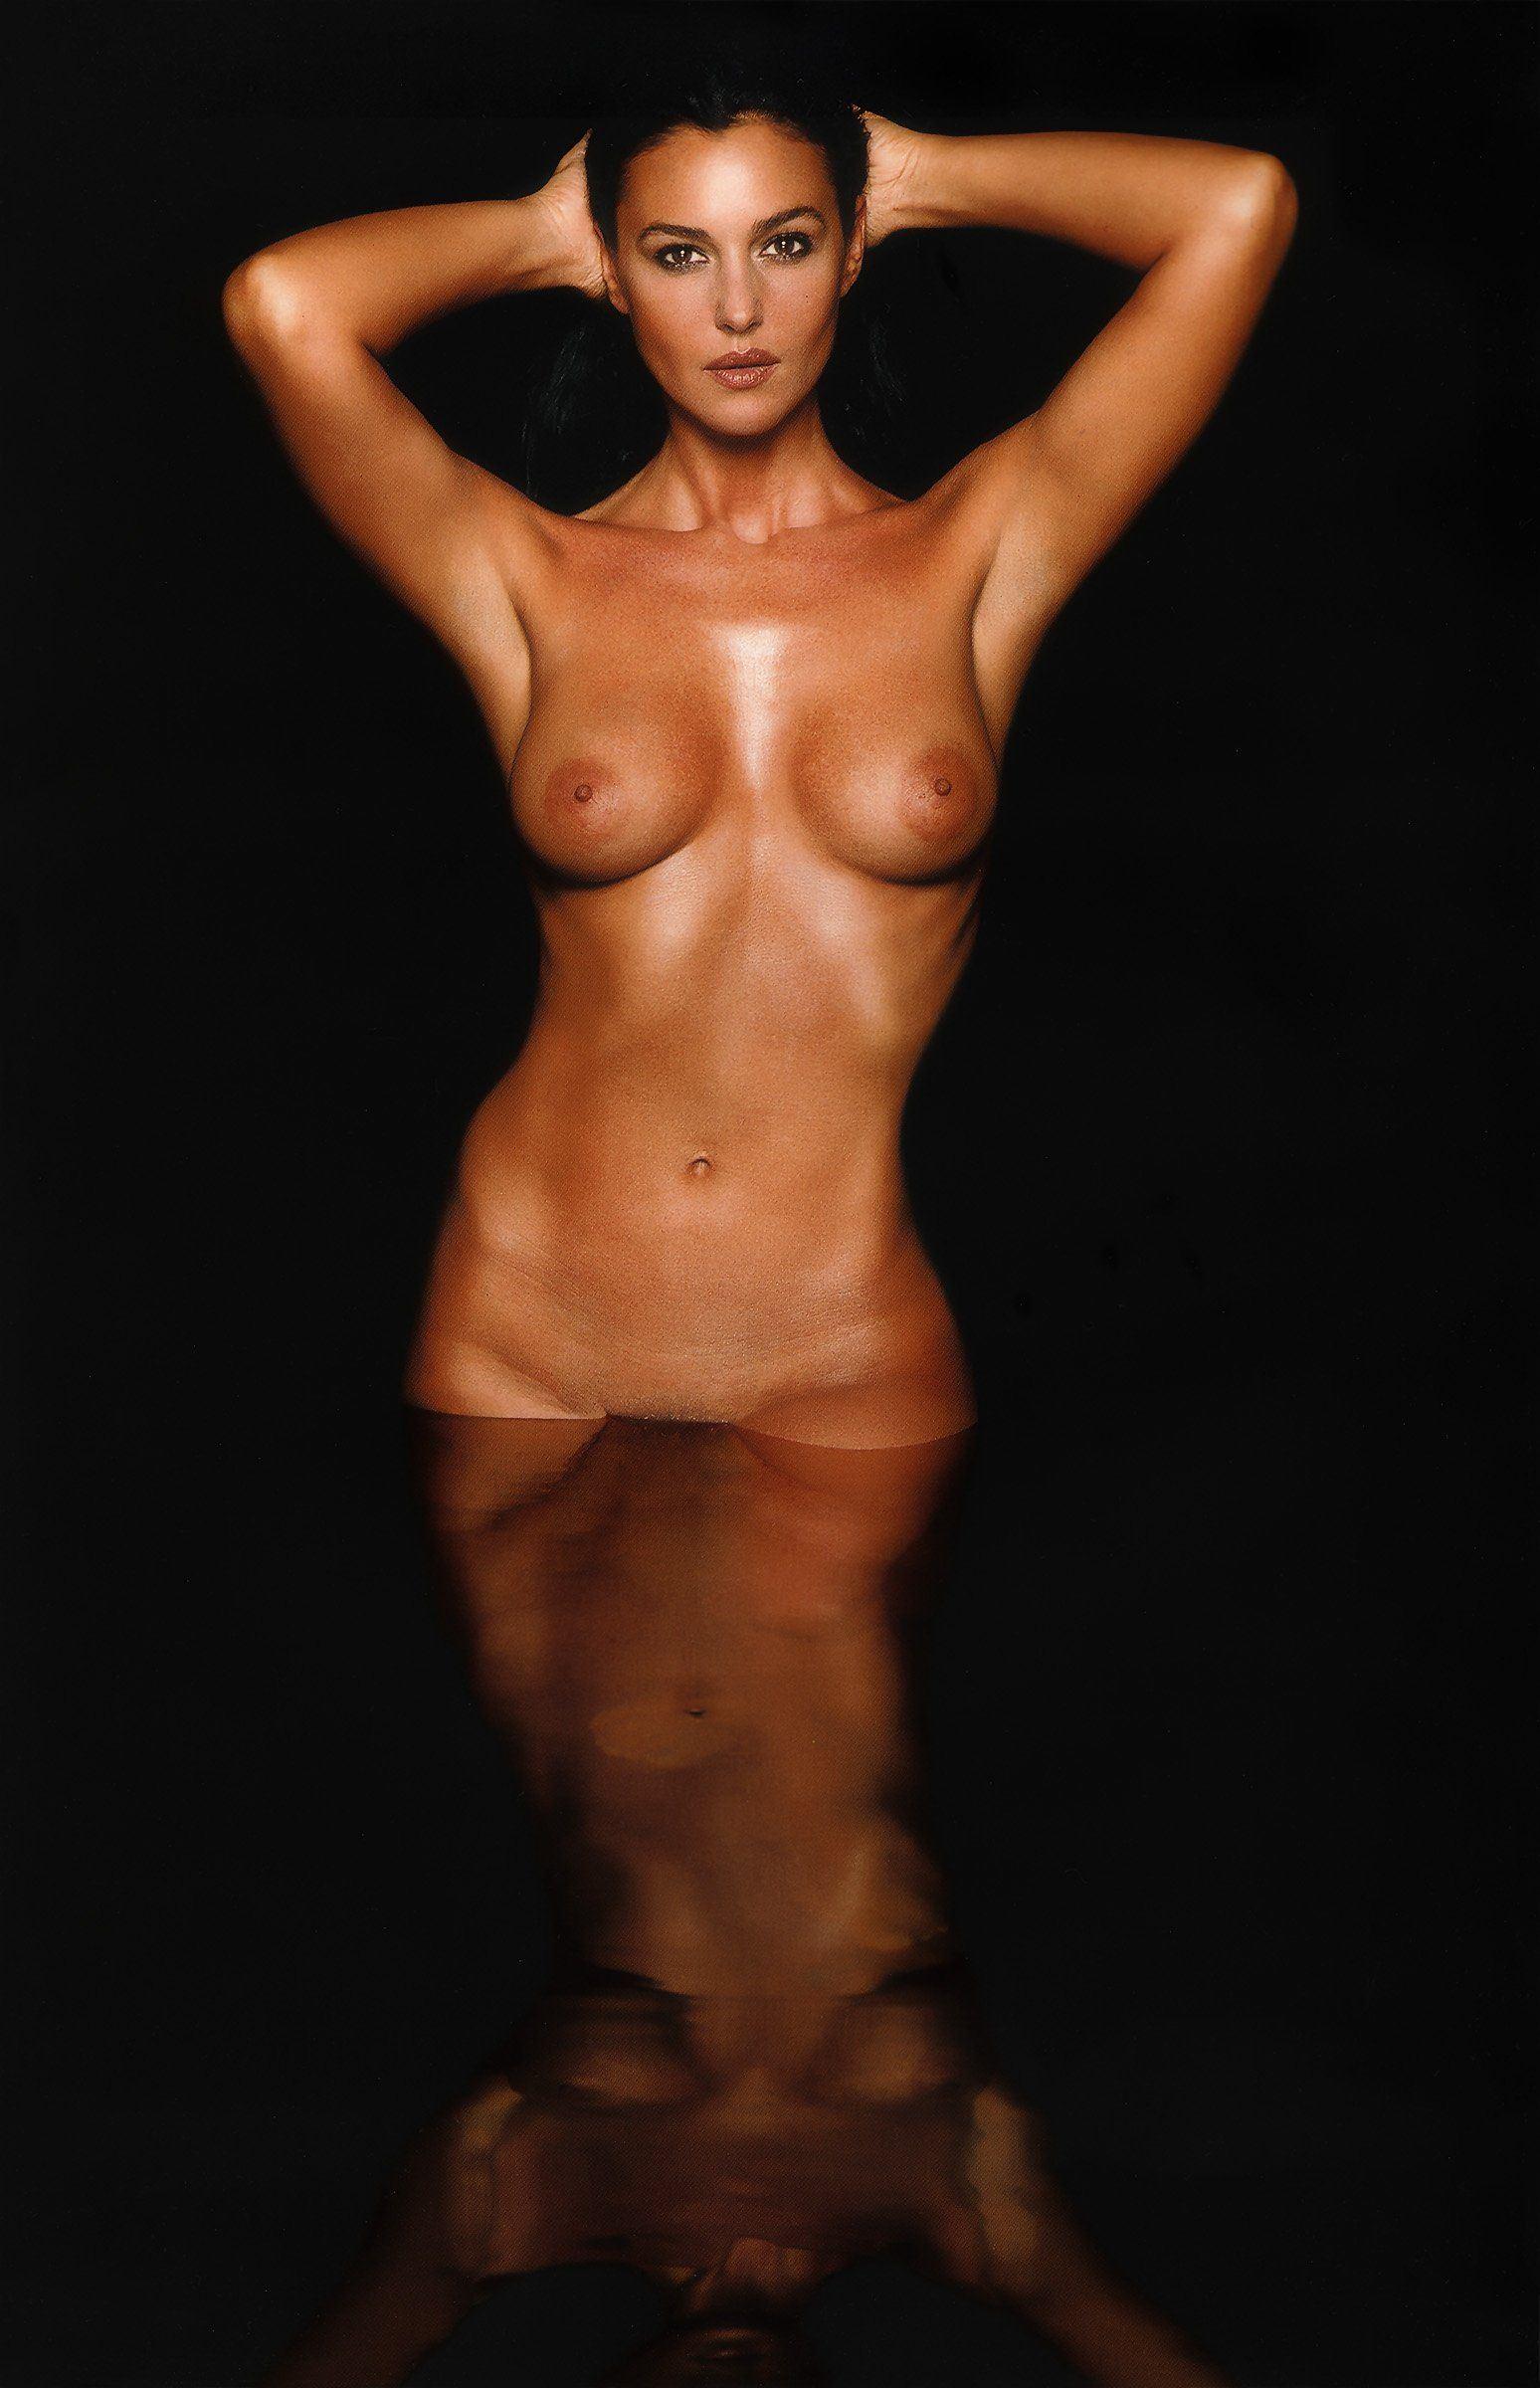 Coo C. reccomend Bellucci celebflix clip malena monica nude